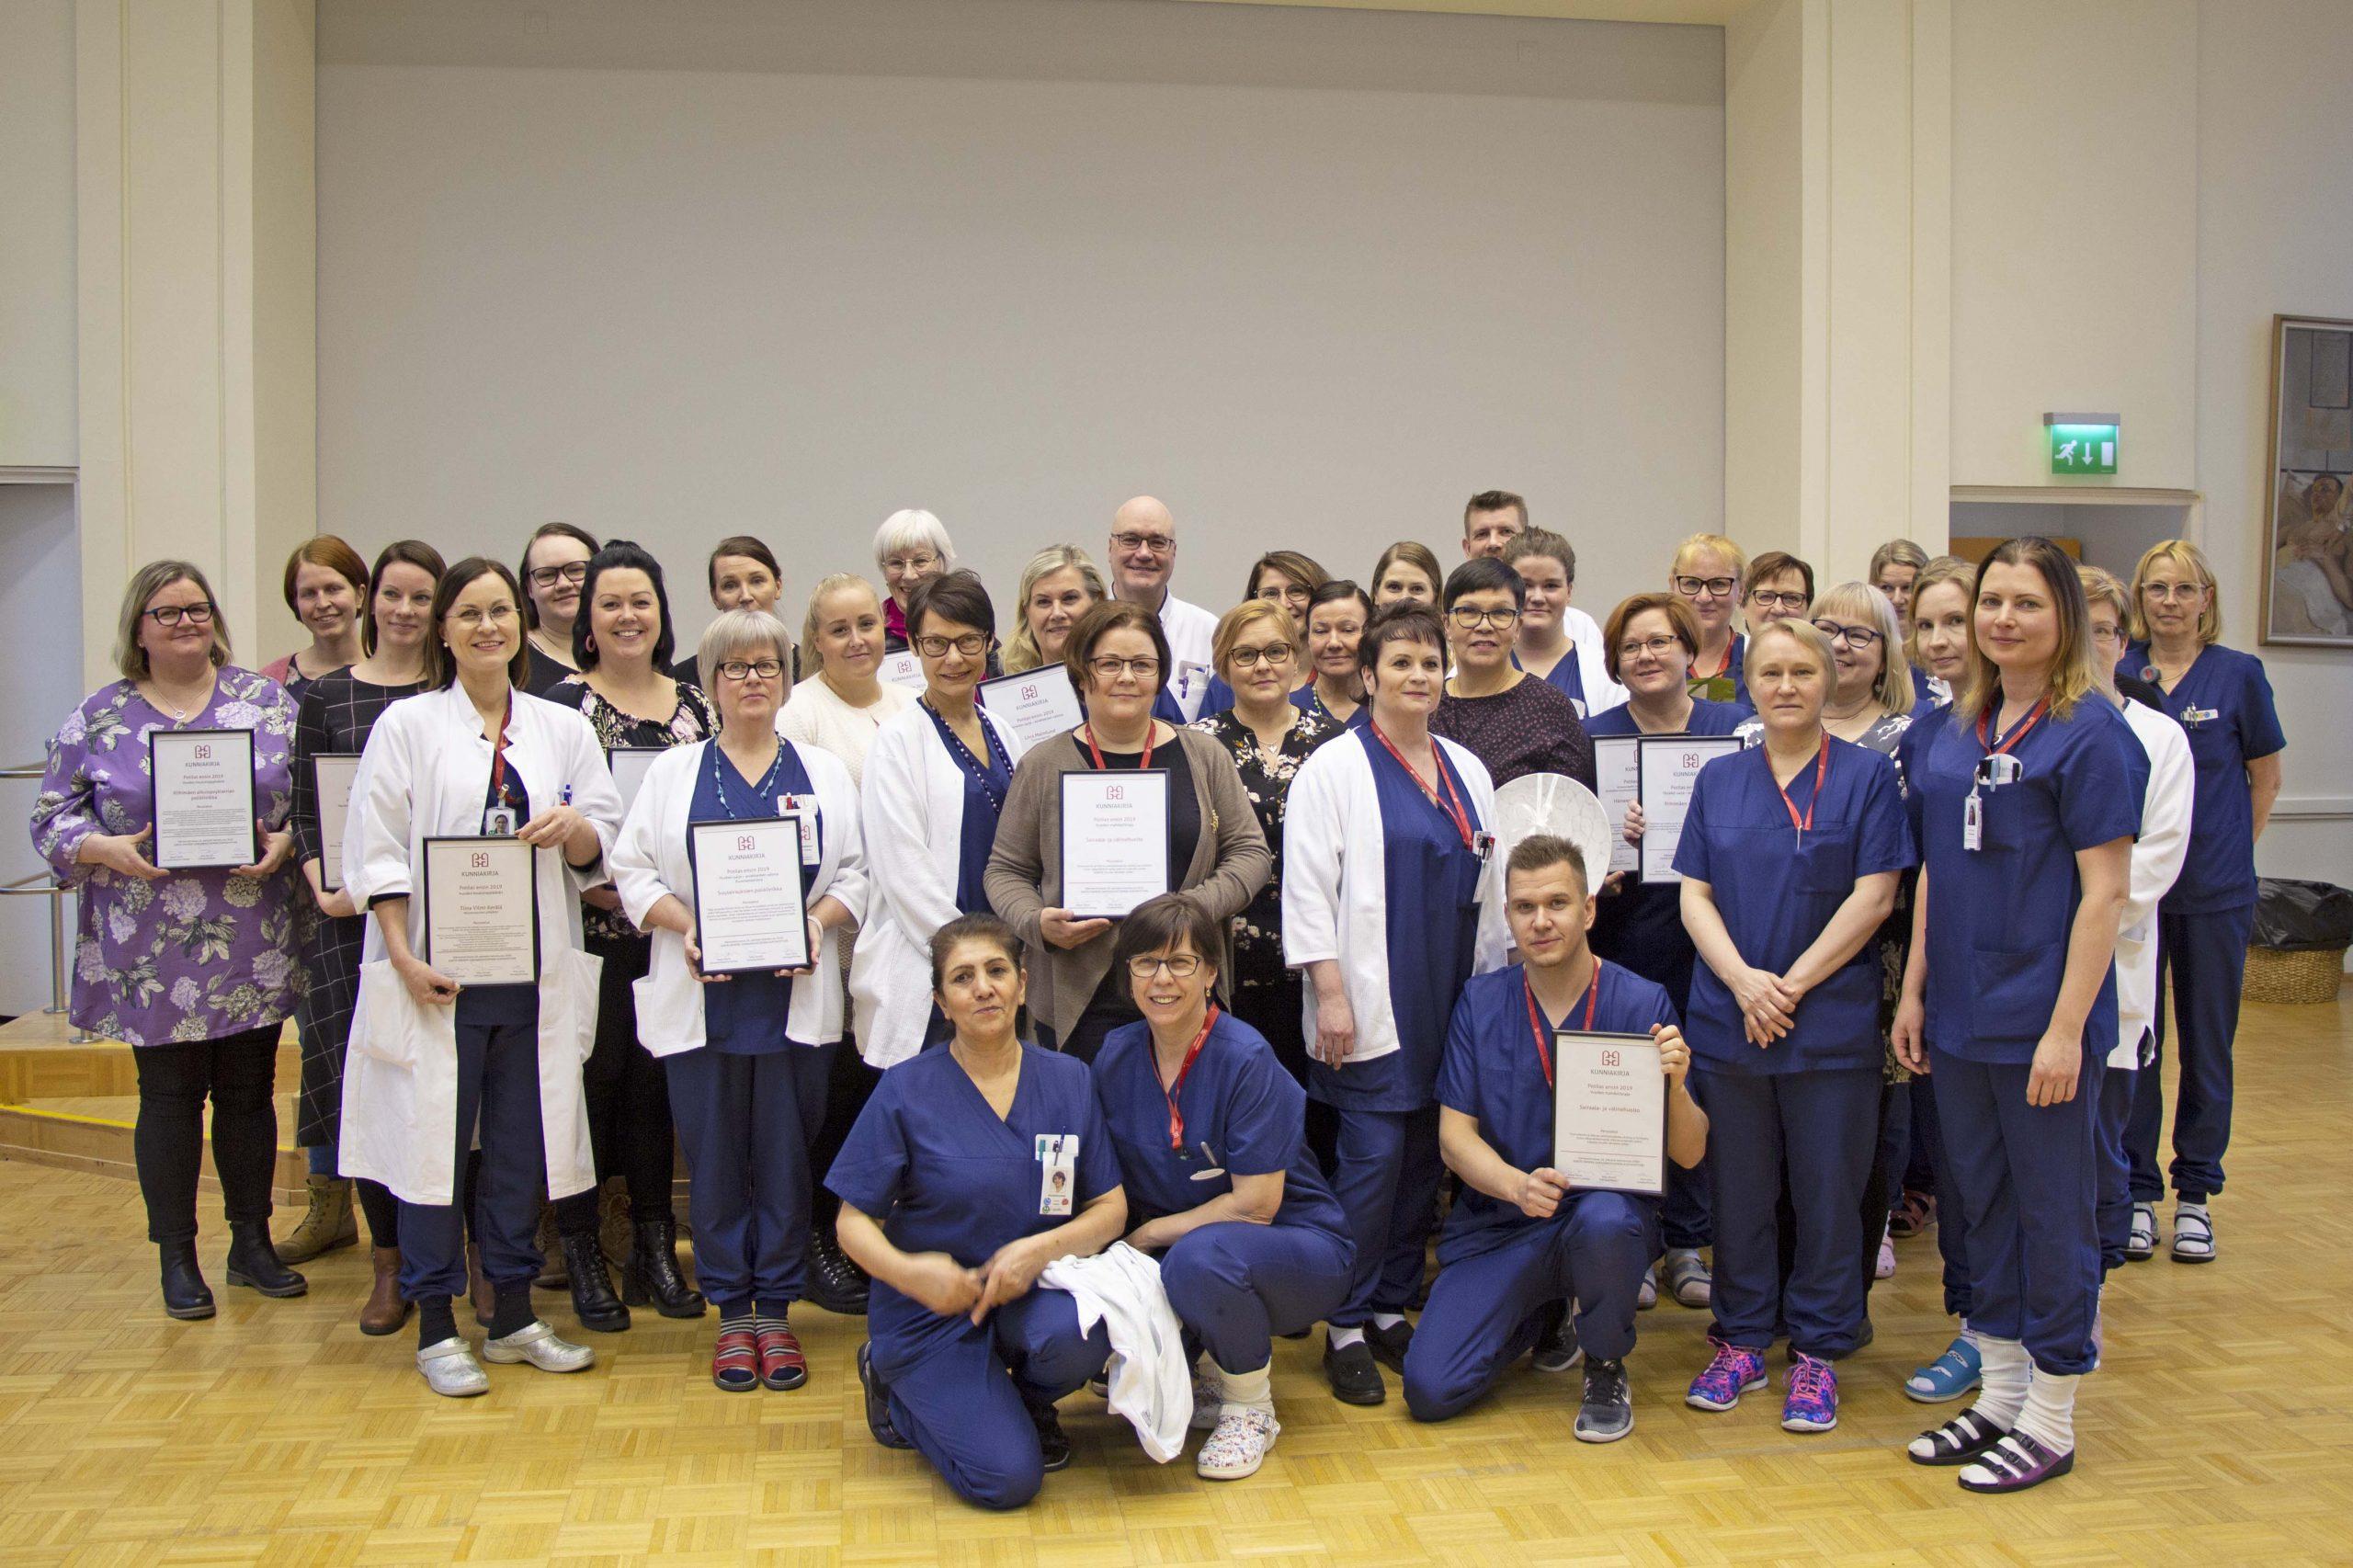 Vuoden 2020 Potilas ensin -gaalassa palkitut KHKS:n asiakaspalvelijat